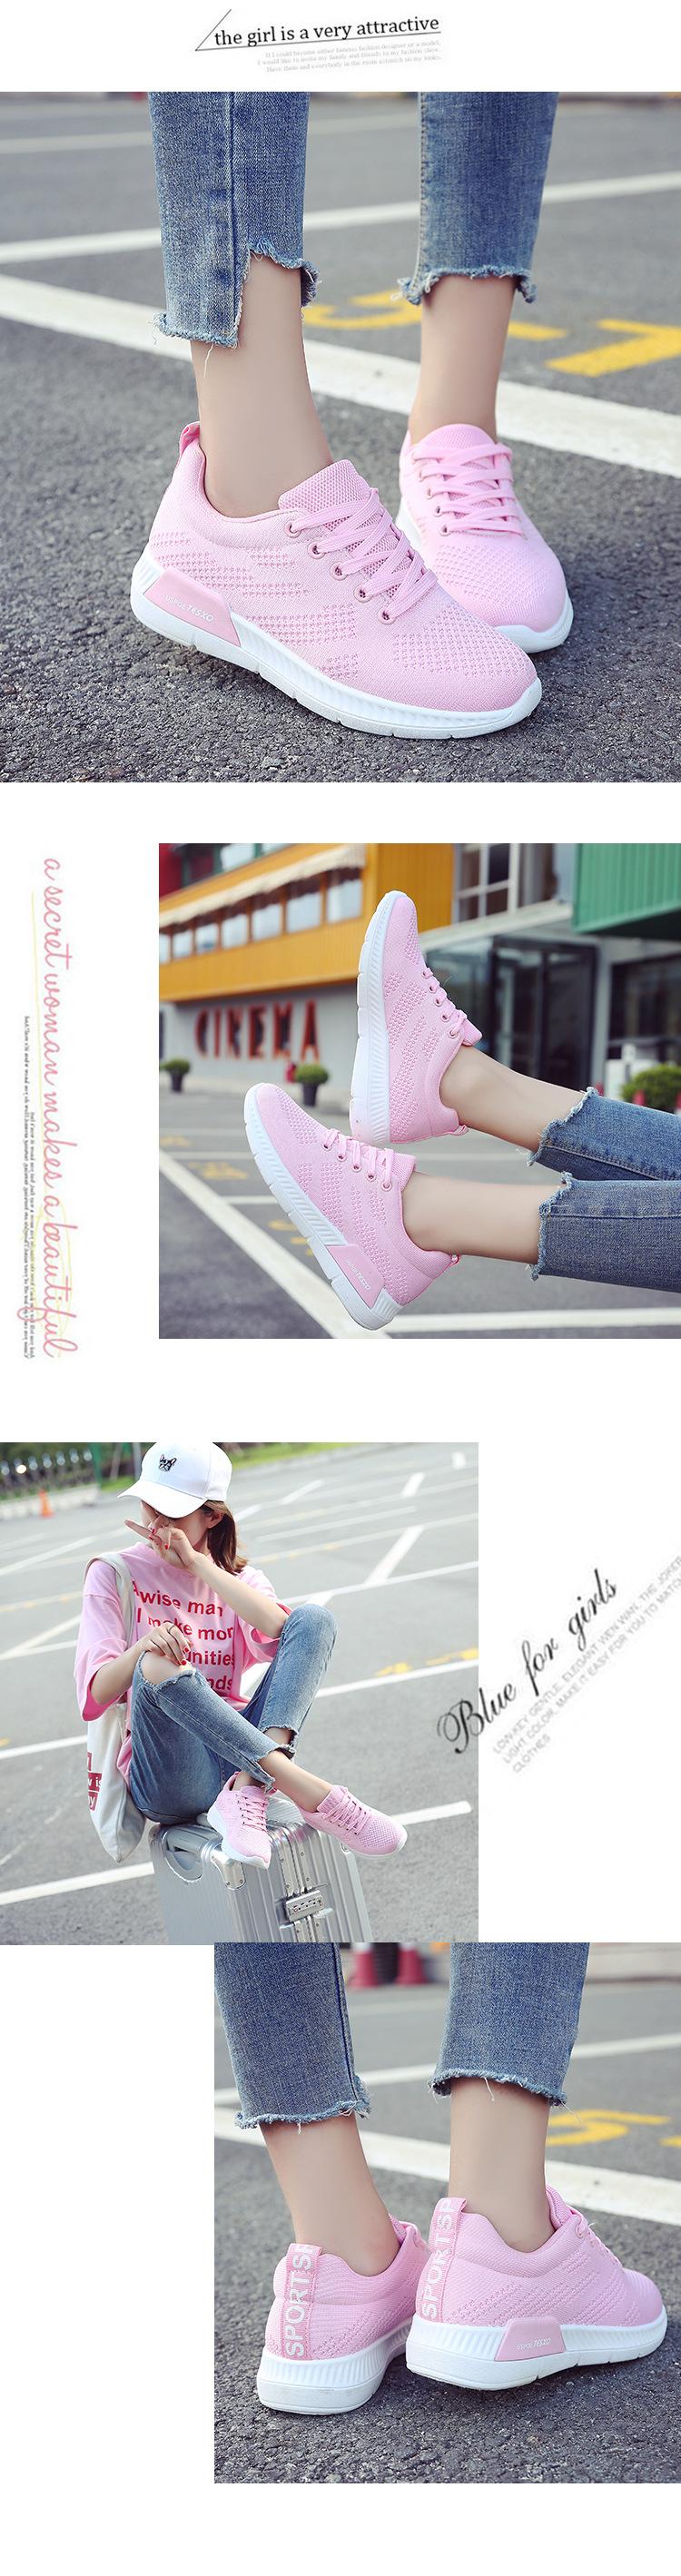 Giày thể thao nữ thời trang đẹp